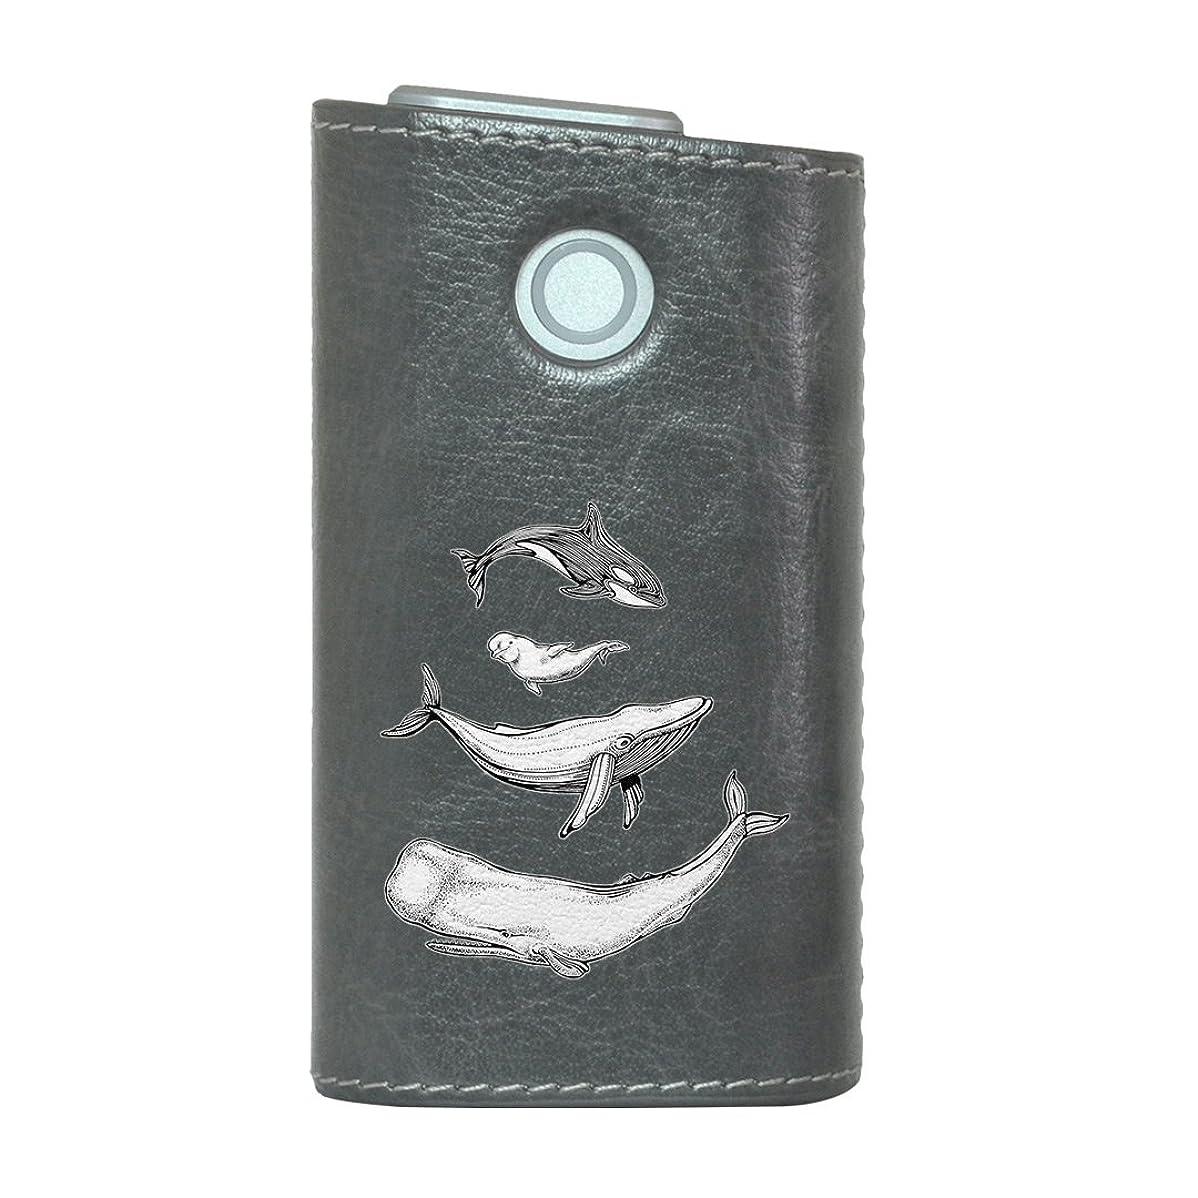 壁紙どこでも書士glo グロー グロウ 専用 レザーケース レザーカバー タバコ ケース カバー 合皮 ハードケース カバー 収納 デザイン 革 皮 GRAY グレー 海 生き物 アニマル 011427